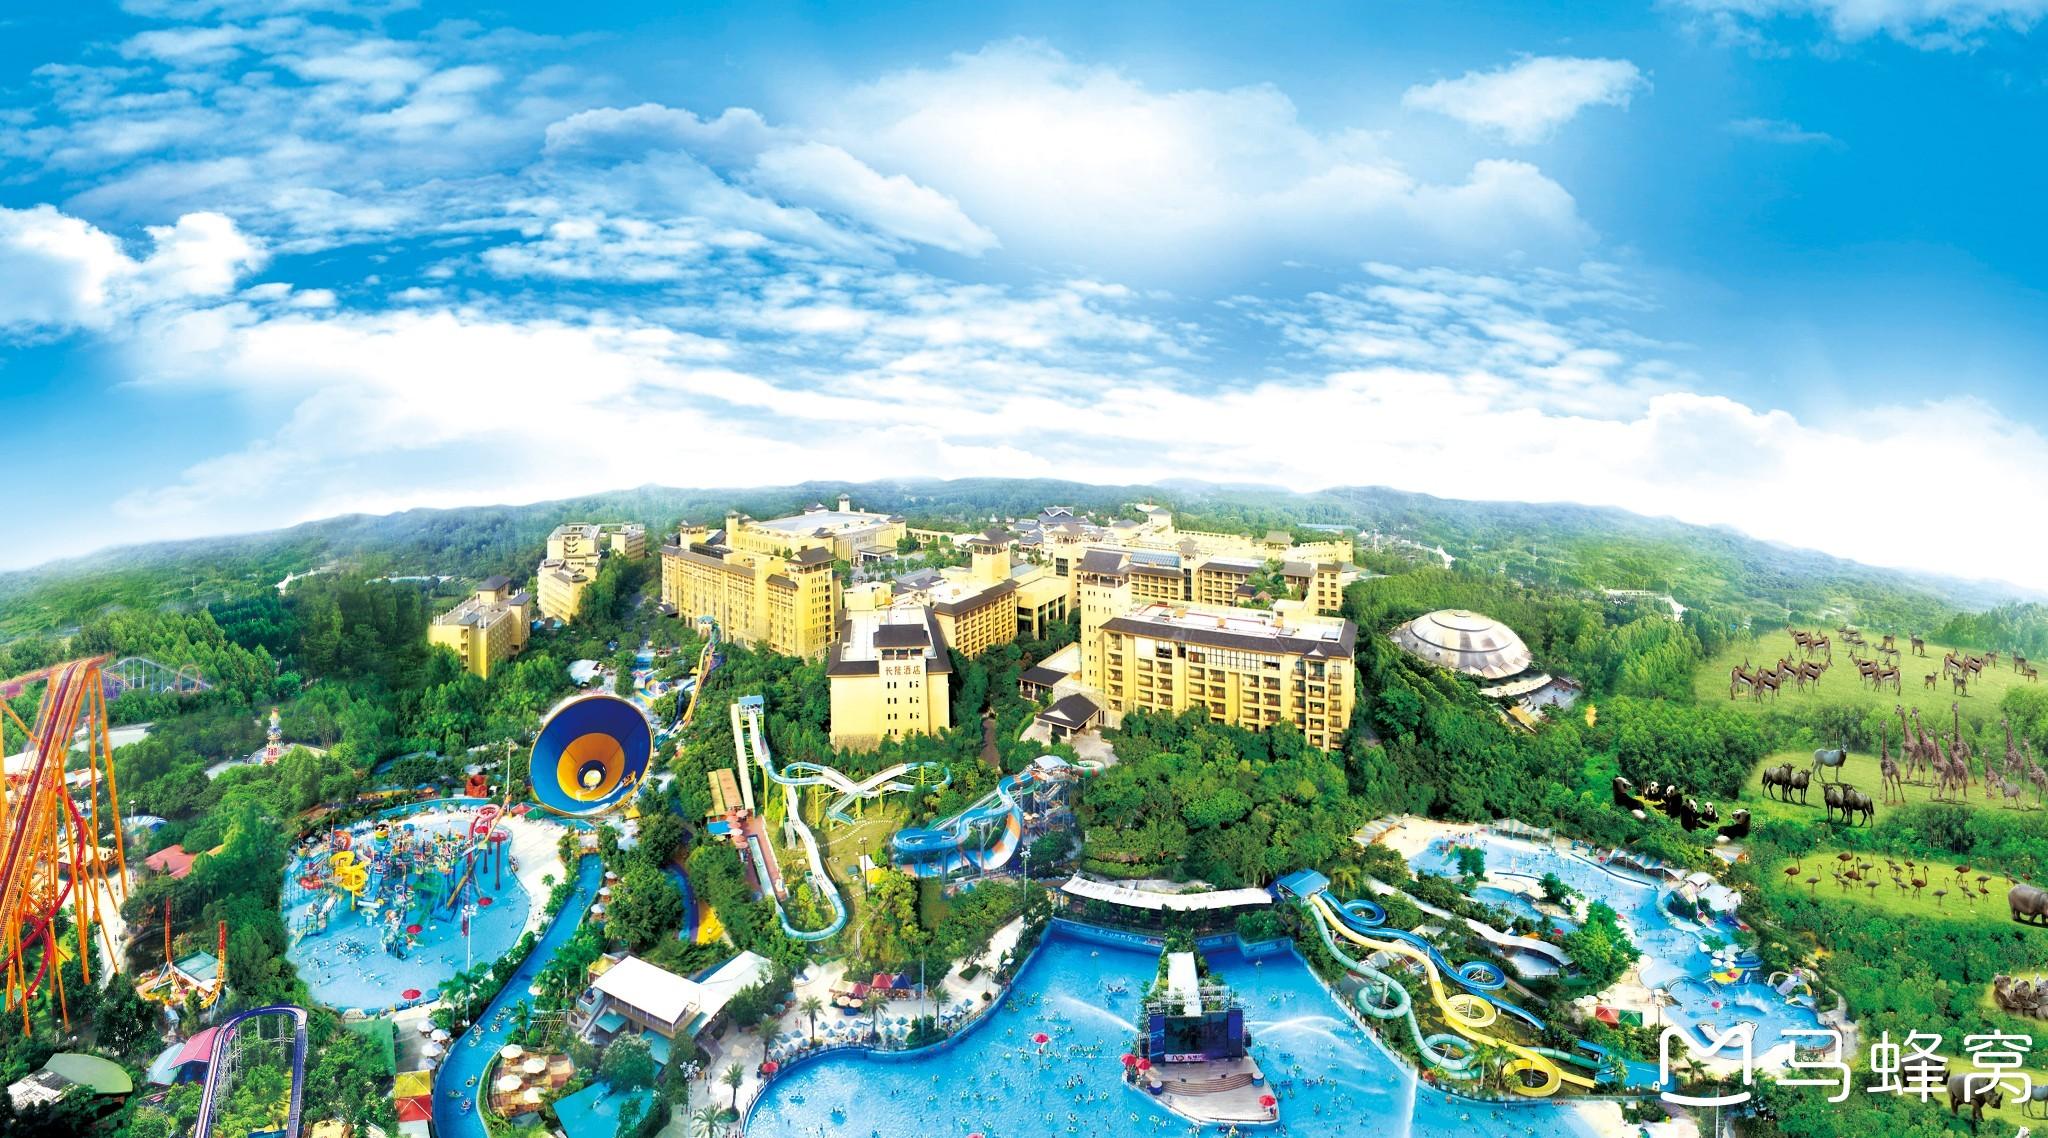 广州长隆旅游度假区亲子游攻略、带孩子去广州长隆旅游度假区怎么玩